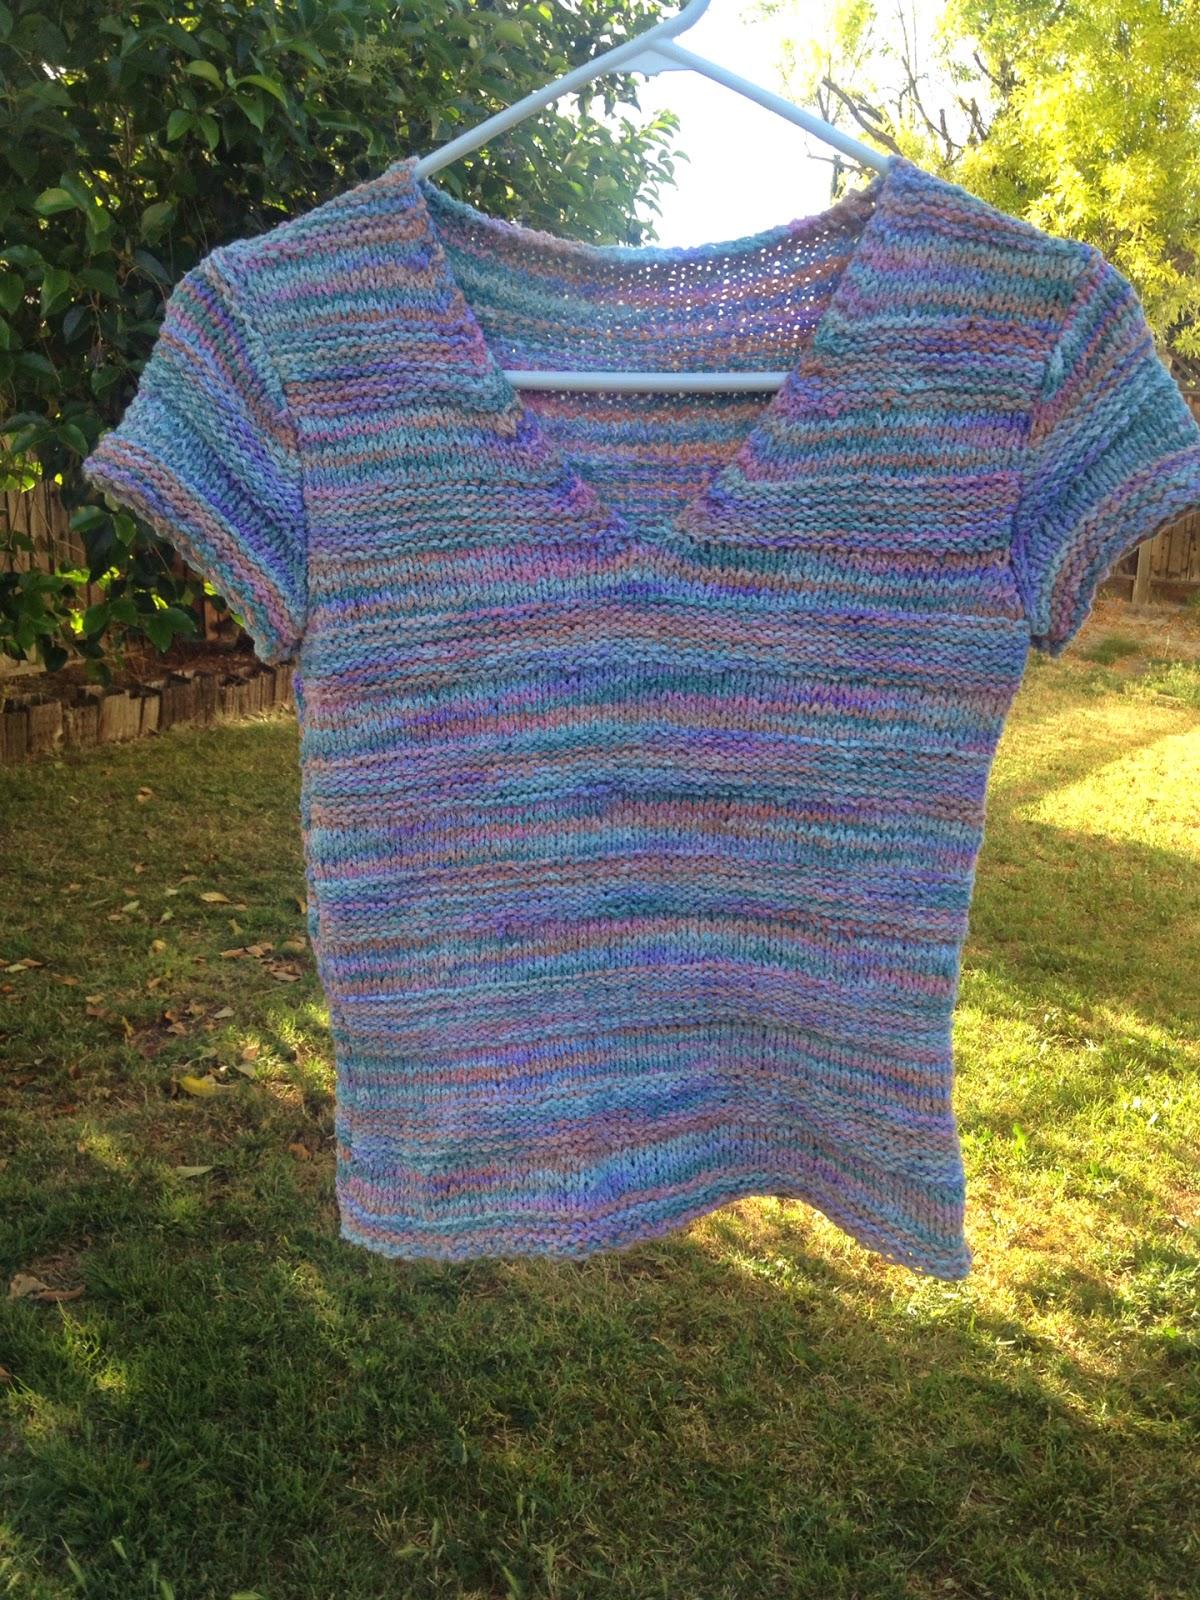 Camy's Loft: Boucle V-neck top knitting pattern